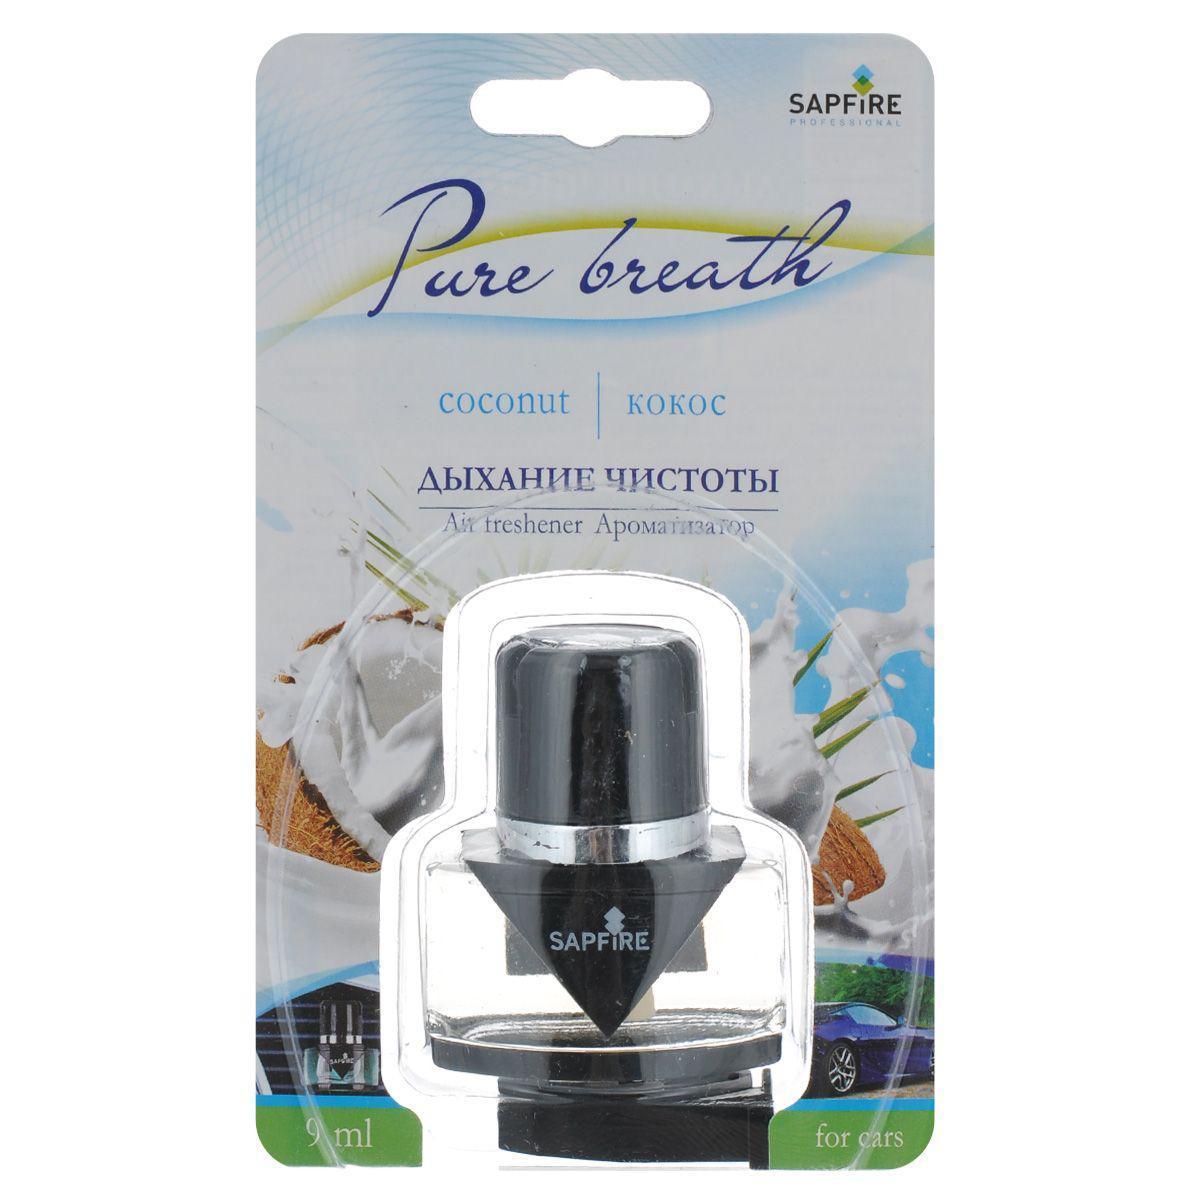 Ароматизатор в дефлектор Sapfire Pure Breath, кокос20012-SATАвтомобильный ароматизатор Sapfire Pure Breath имеет приятный аромат кокоса. Ароматизатор выполнен из пластика и вставляется в дефлектор машины. Pure Breath - новое поколение концентрированных ароматизаторов. Парфюмерная композиция произведена в Японии. Обеспечивает стойкий насыщенный аромат и свежий запах. Состав: пластик, парфюмерная композиция высокой концентрации, стабилизатор. Размер ароматизатора: 5,5 см х 4,5 см х 3 см.